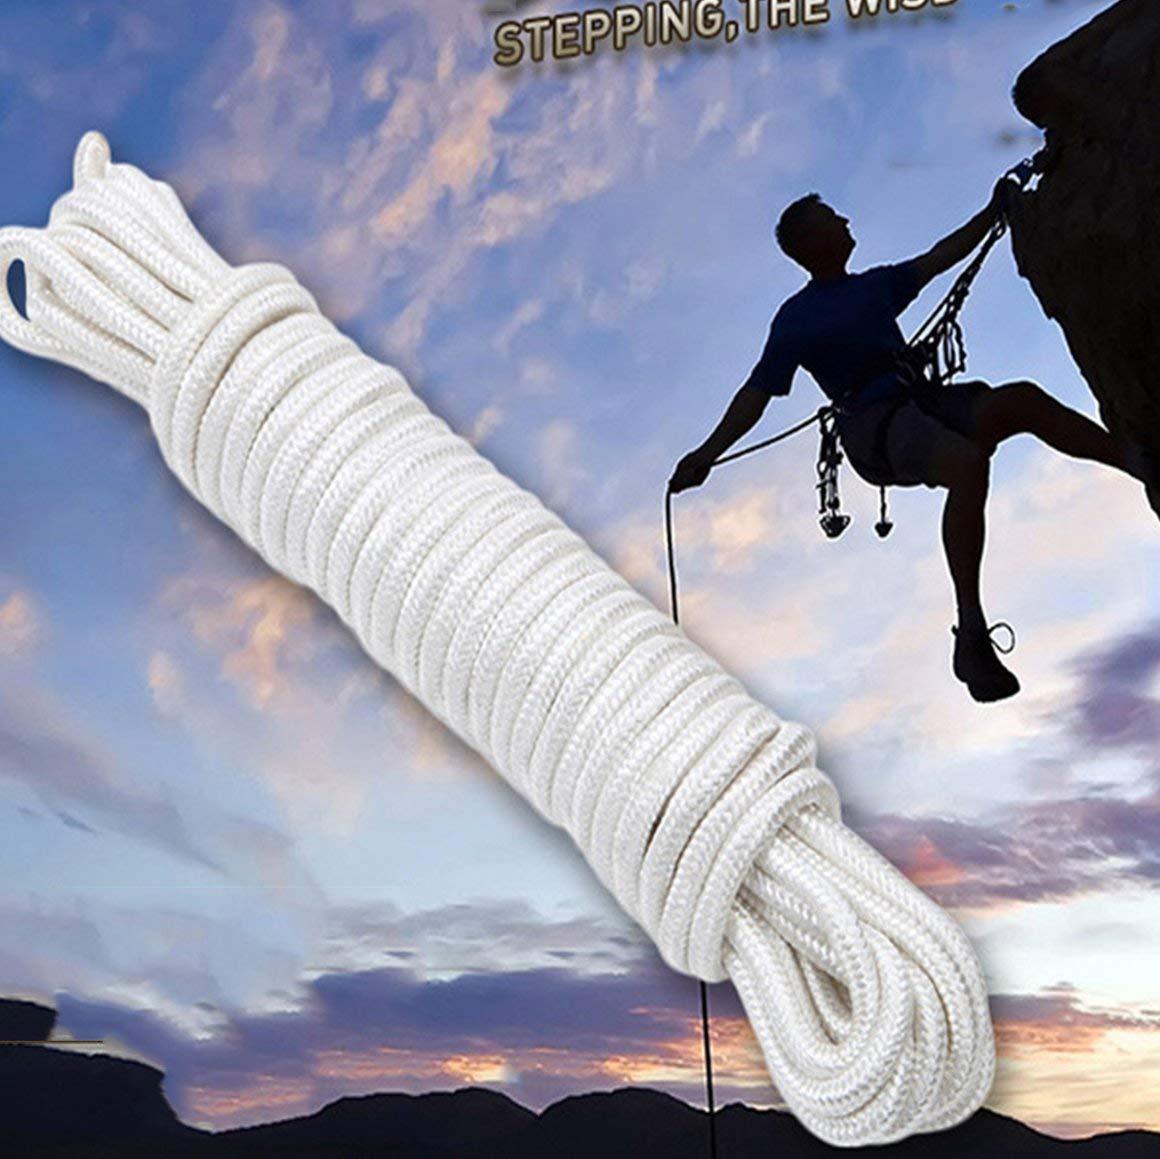 Funnyrunstore 7mm Cable de paraca/ídas Cuerda de Escalada Multifuncional Cuerda de Paraguas para Senderismo Camping Equipo de Supervivencia de Emergencia